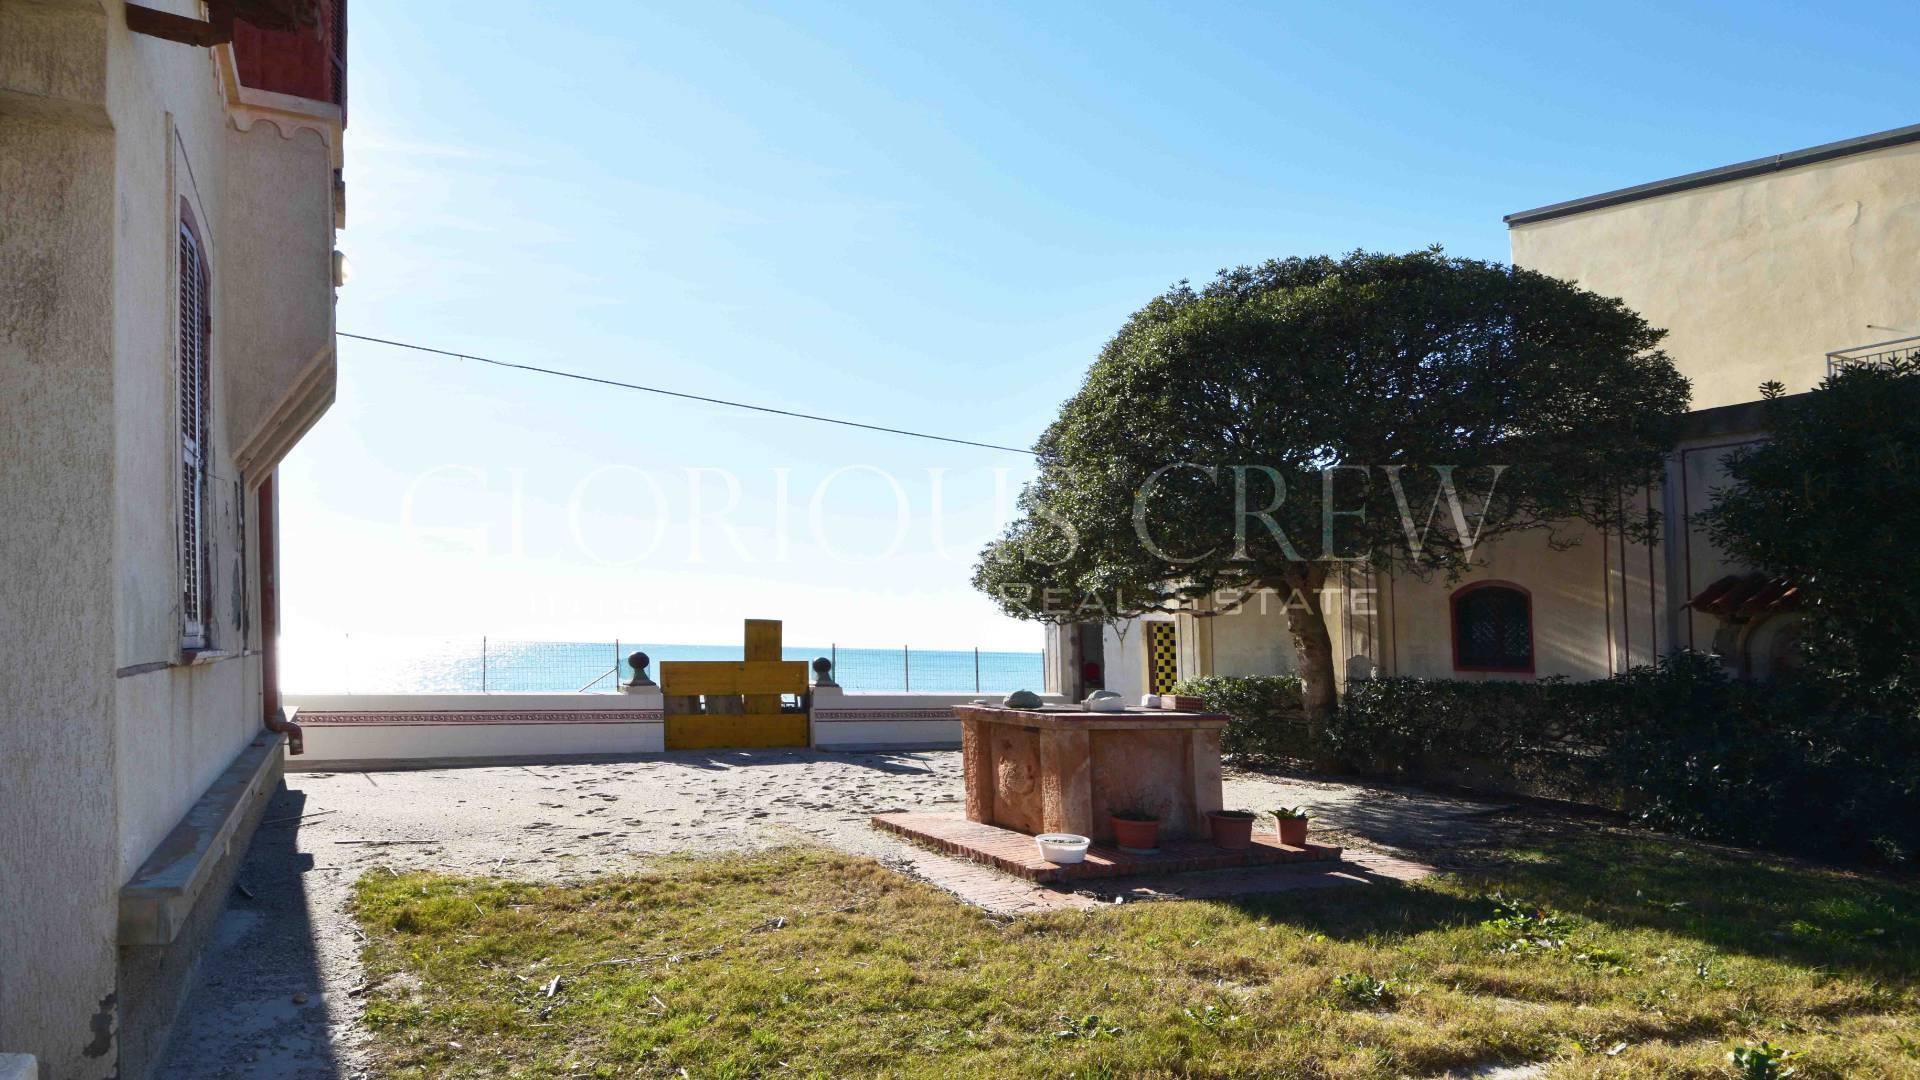 Villa in Vendita a Borgio Verezzi: 5 locali, 240 mq - Foto 21